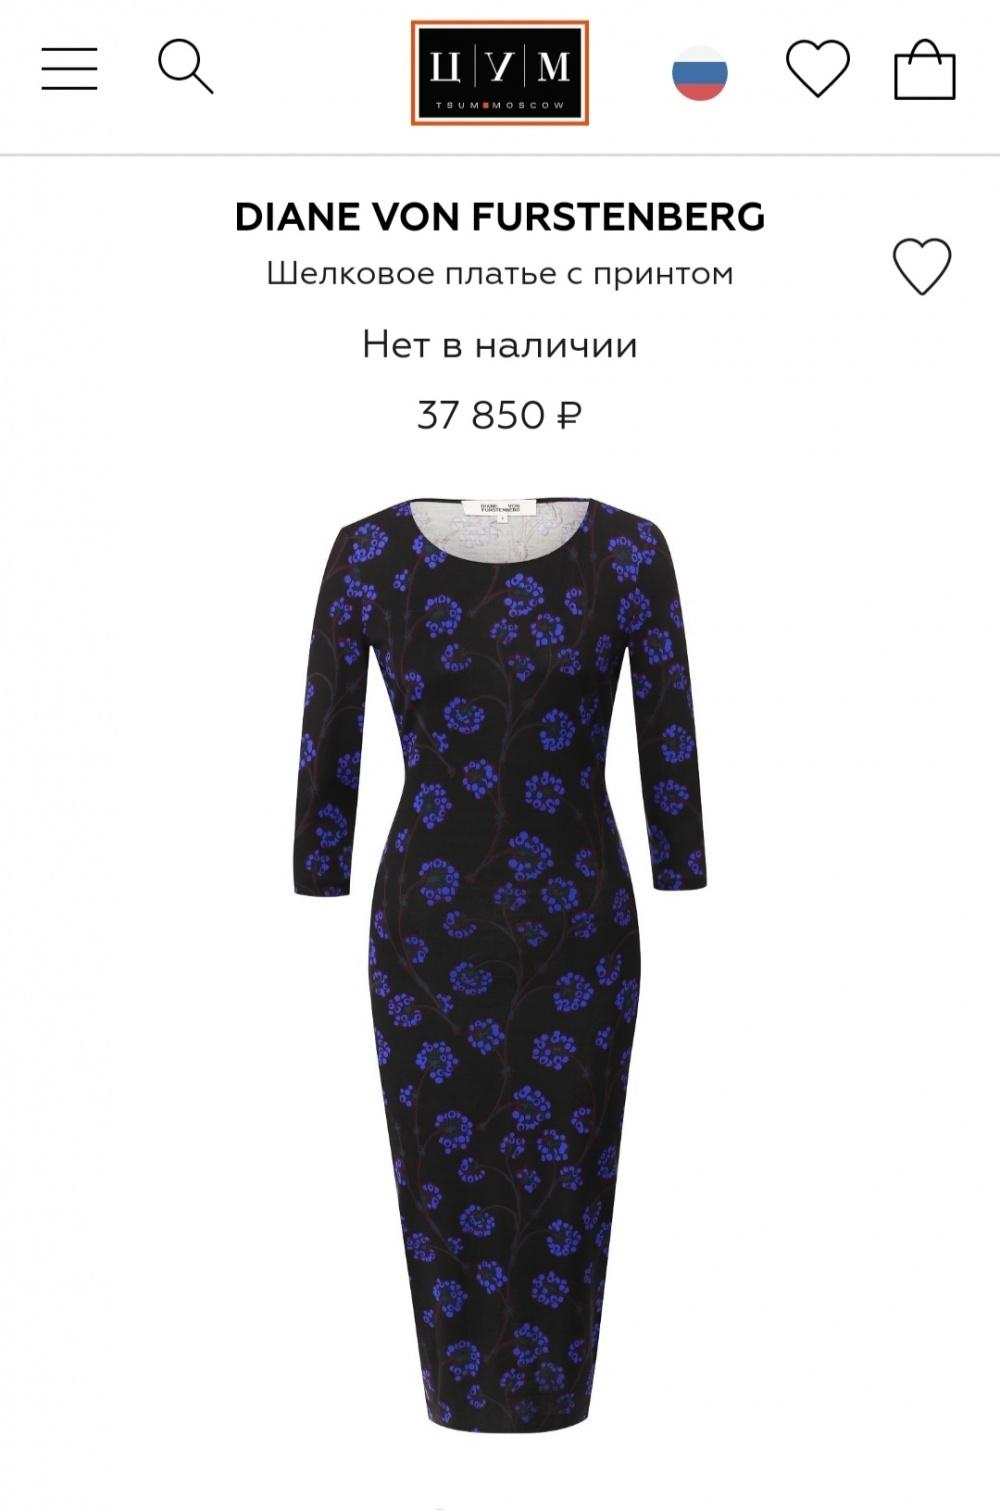 Платье миди DIANE VON FURSTENBERG, маркировка ХС